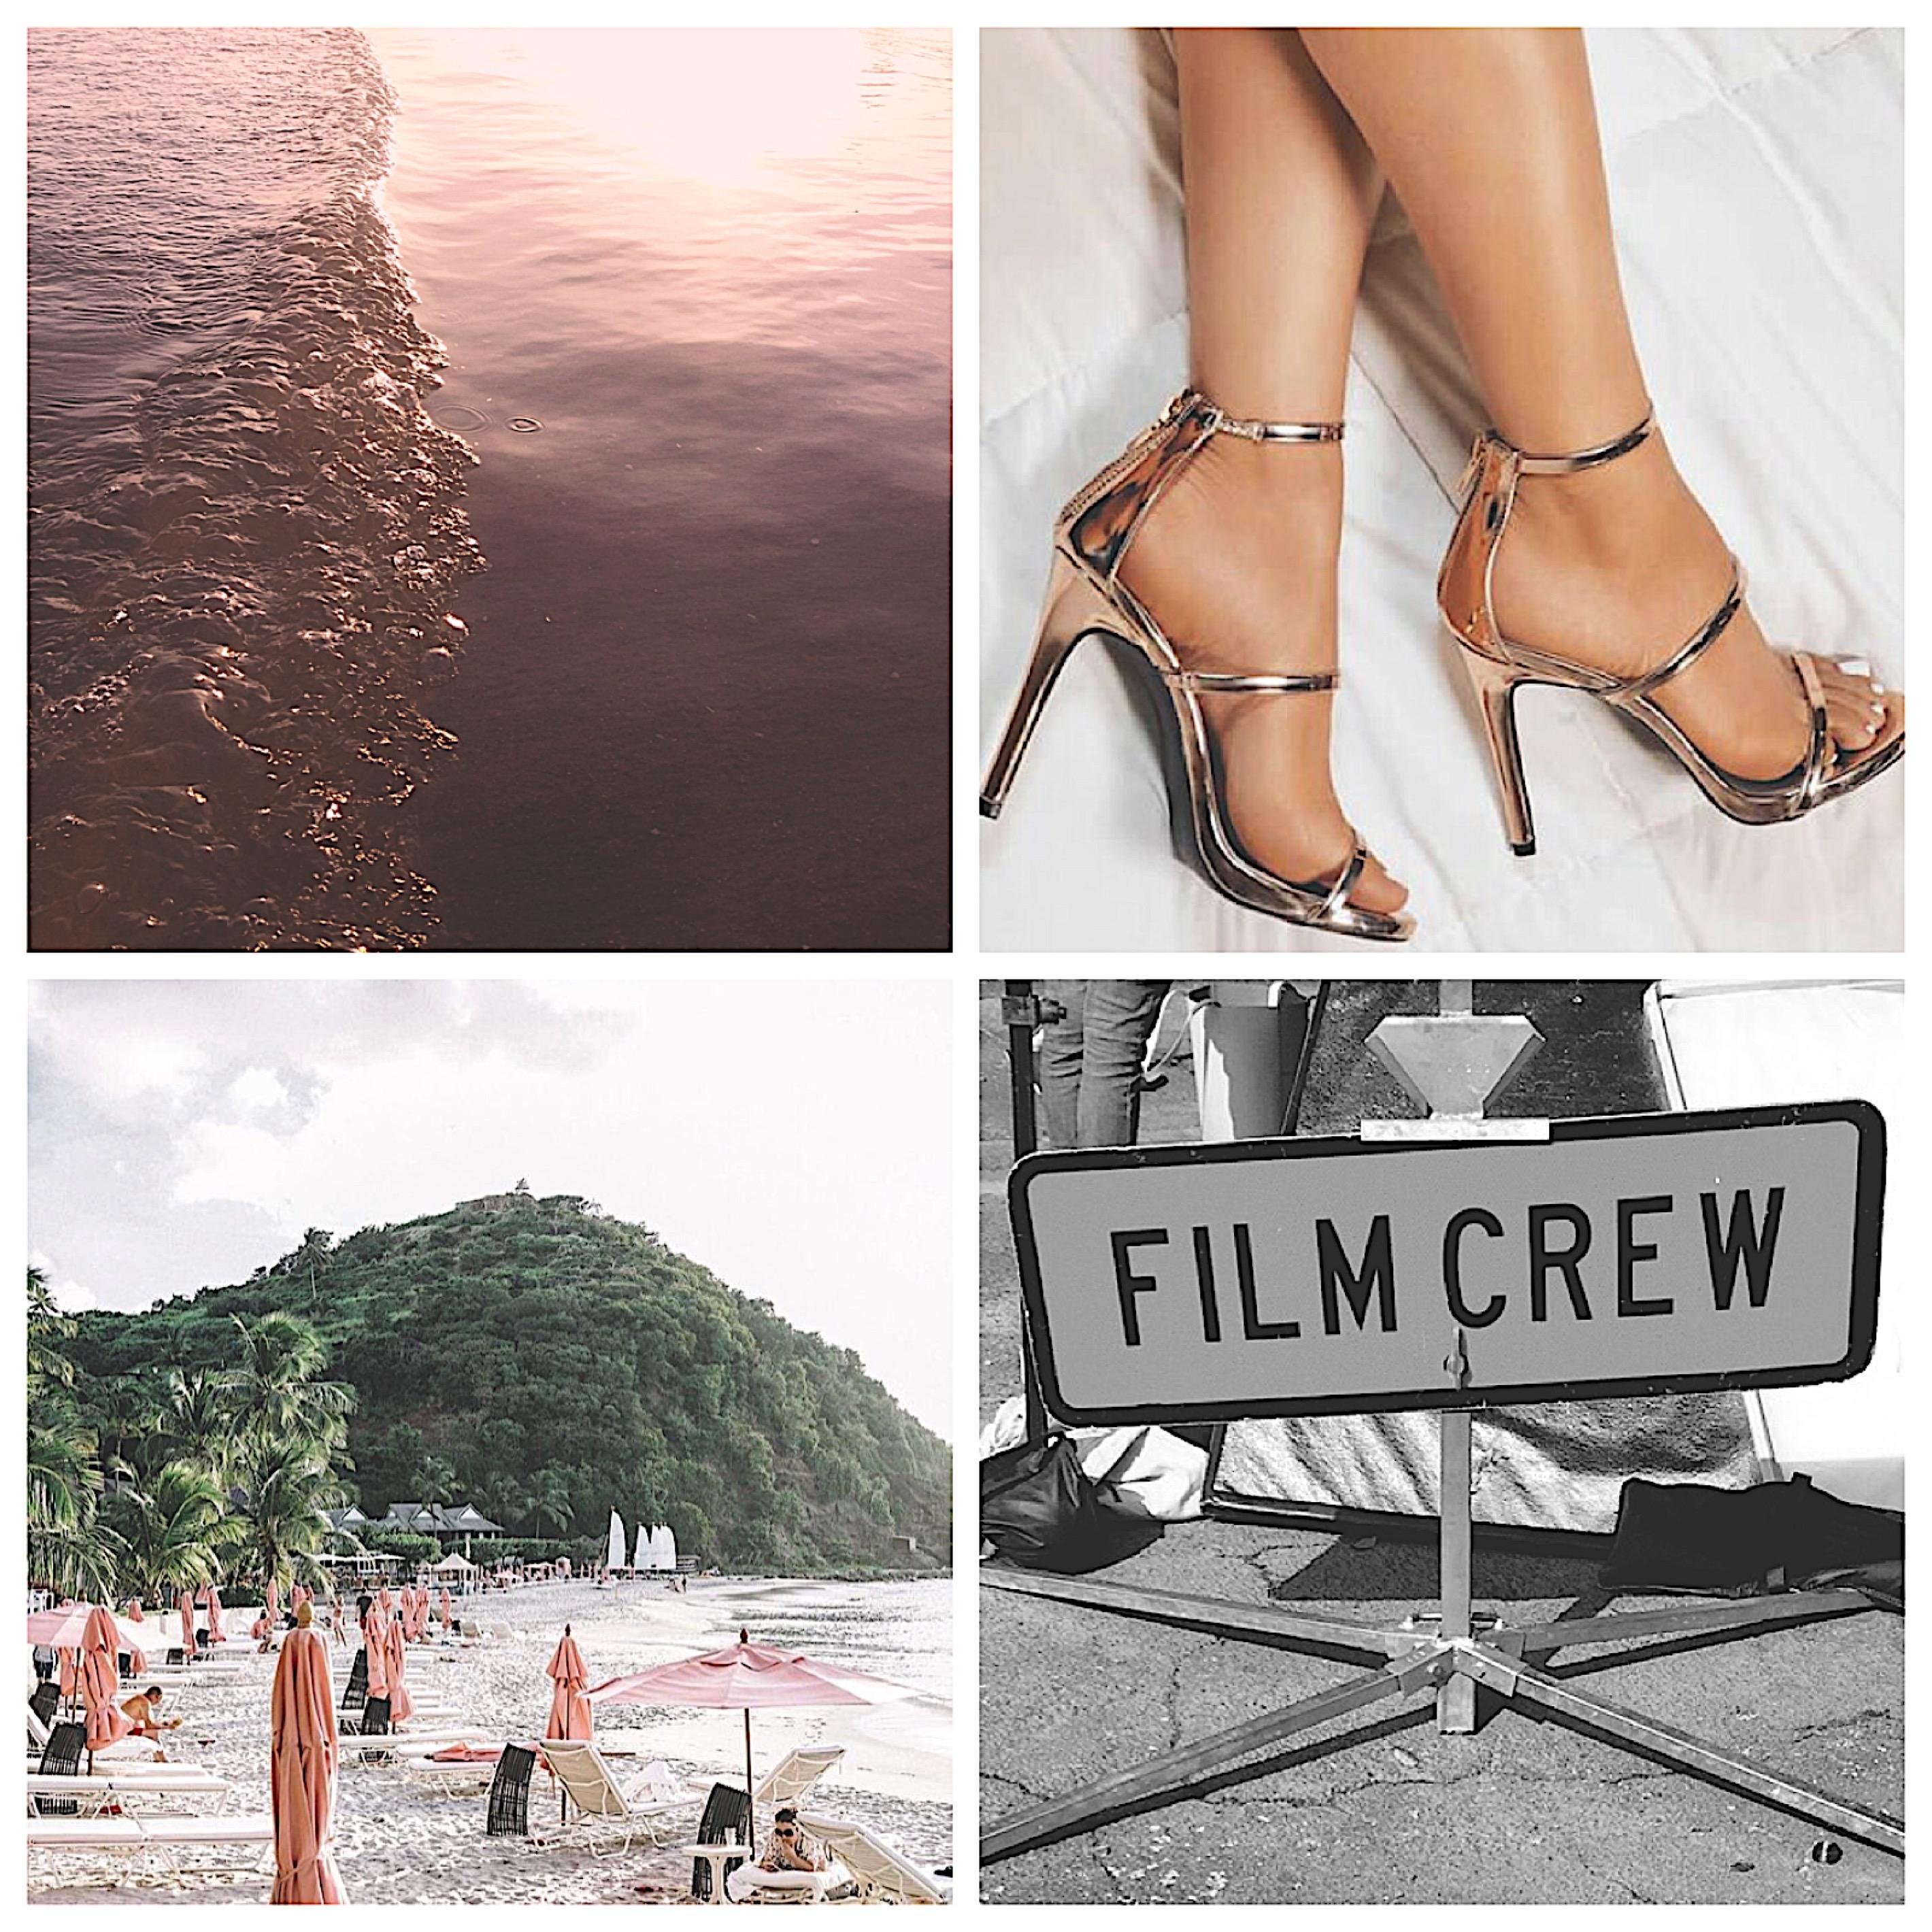 Feet Sidney Sebold nudes (54 images), Bikini